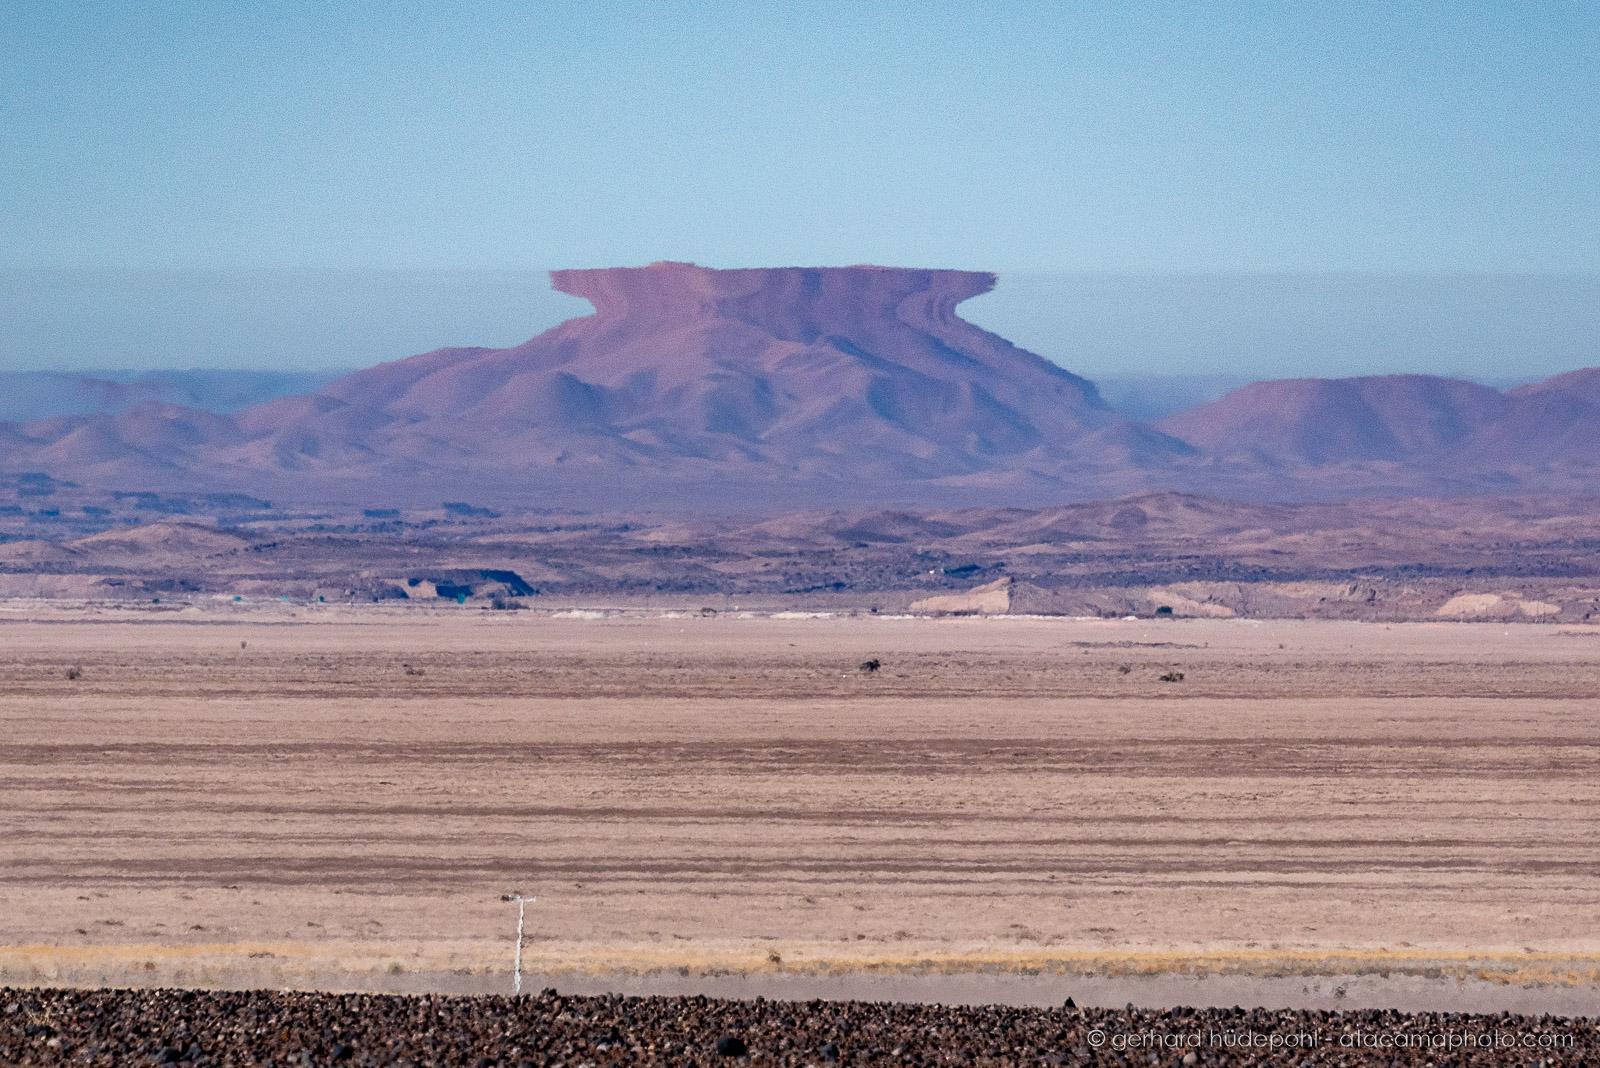 A rare superior mirage, an optical atmospheric effect, Atacama desert Chile